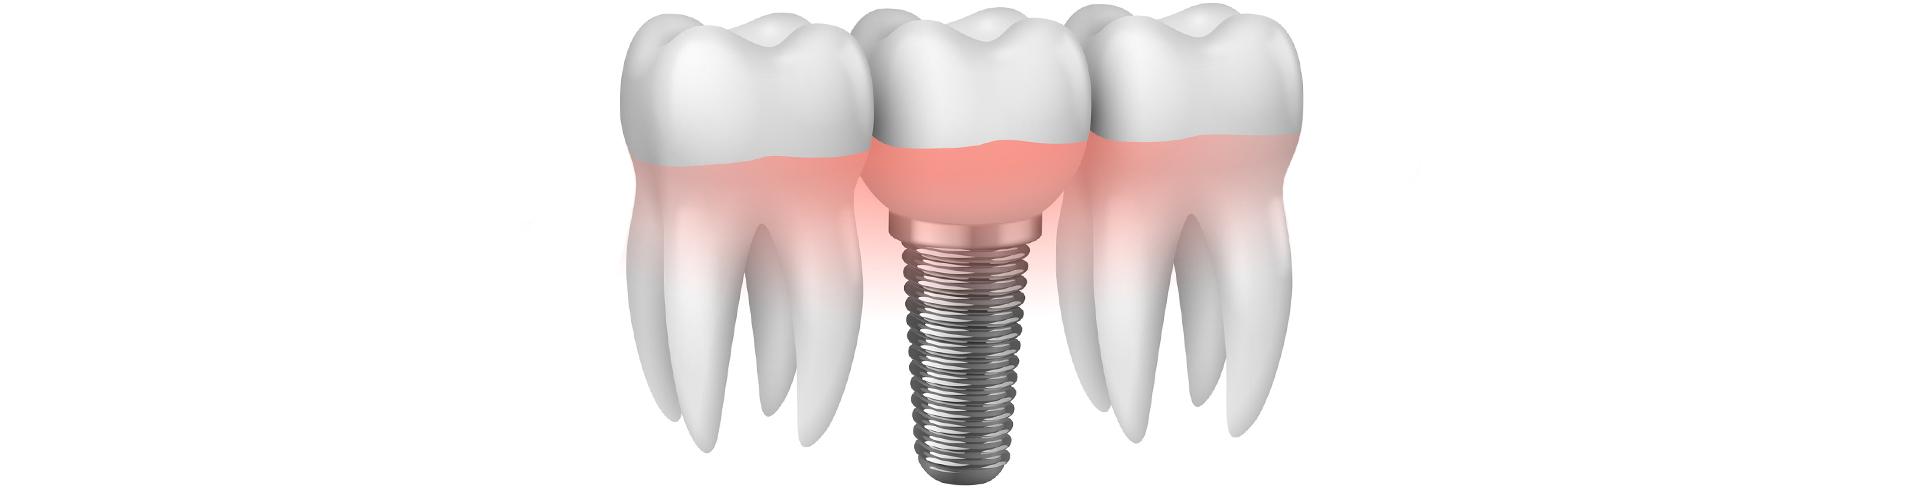 Implantologia Studio Dentistico Dott. R. Zanetti a Campodarsego Padova